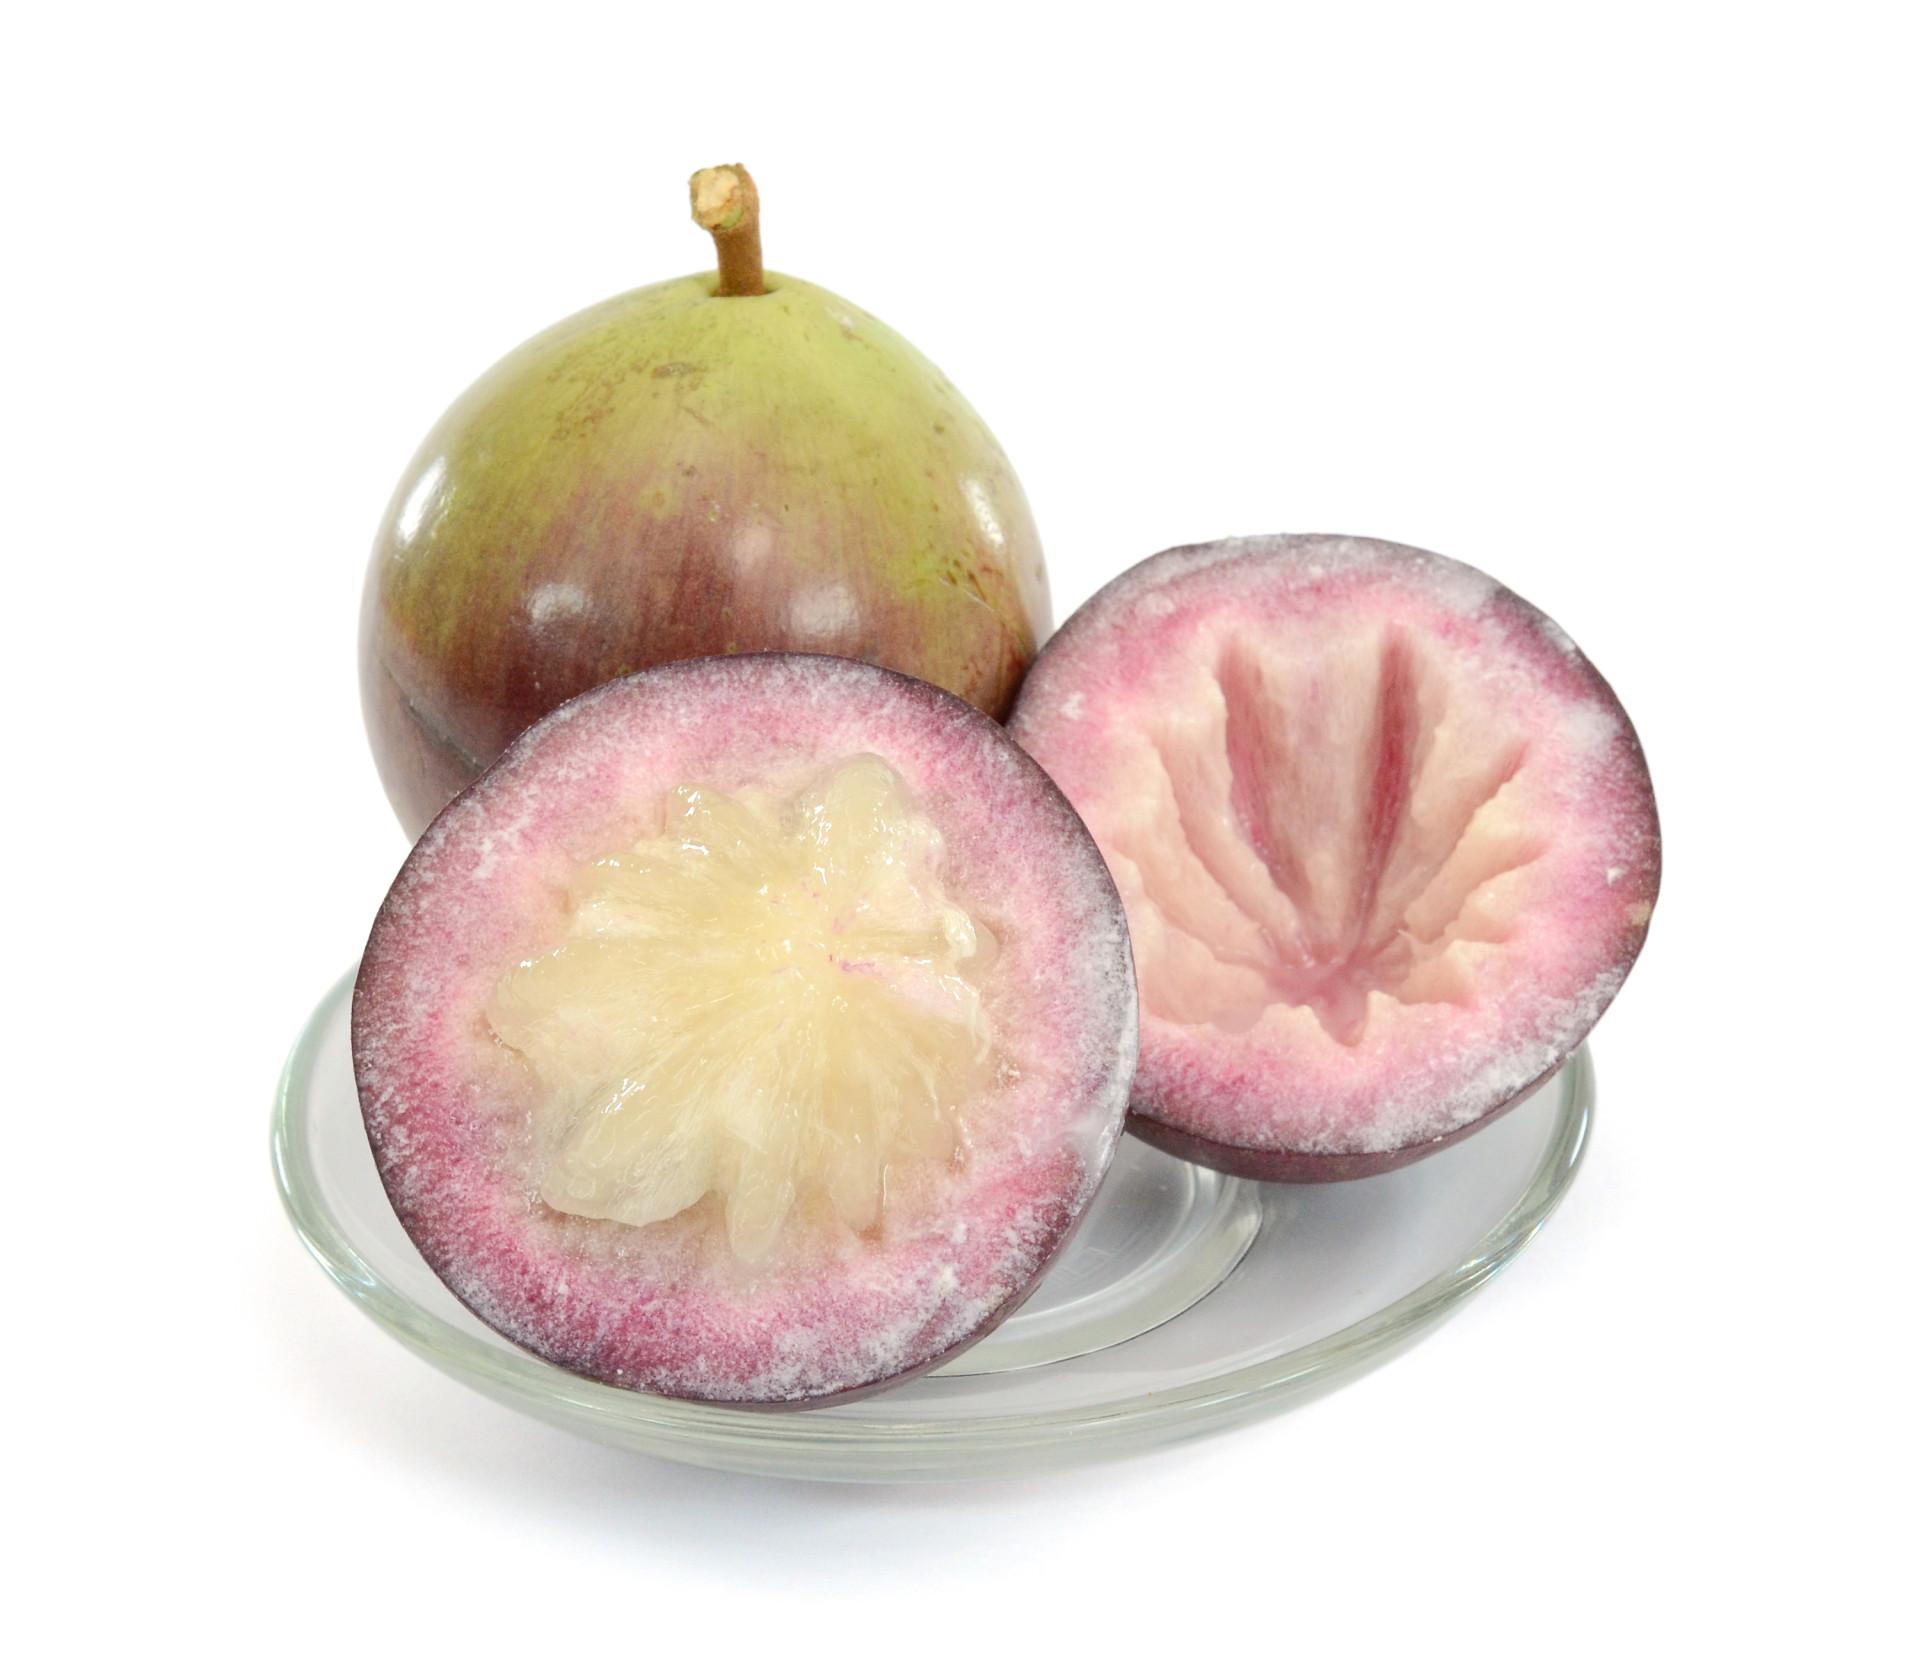 Zou jij dit exotisch fruit proeven?